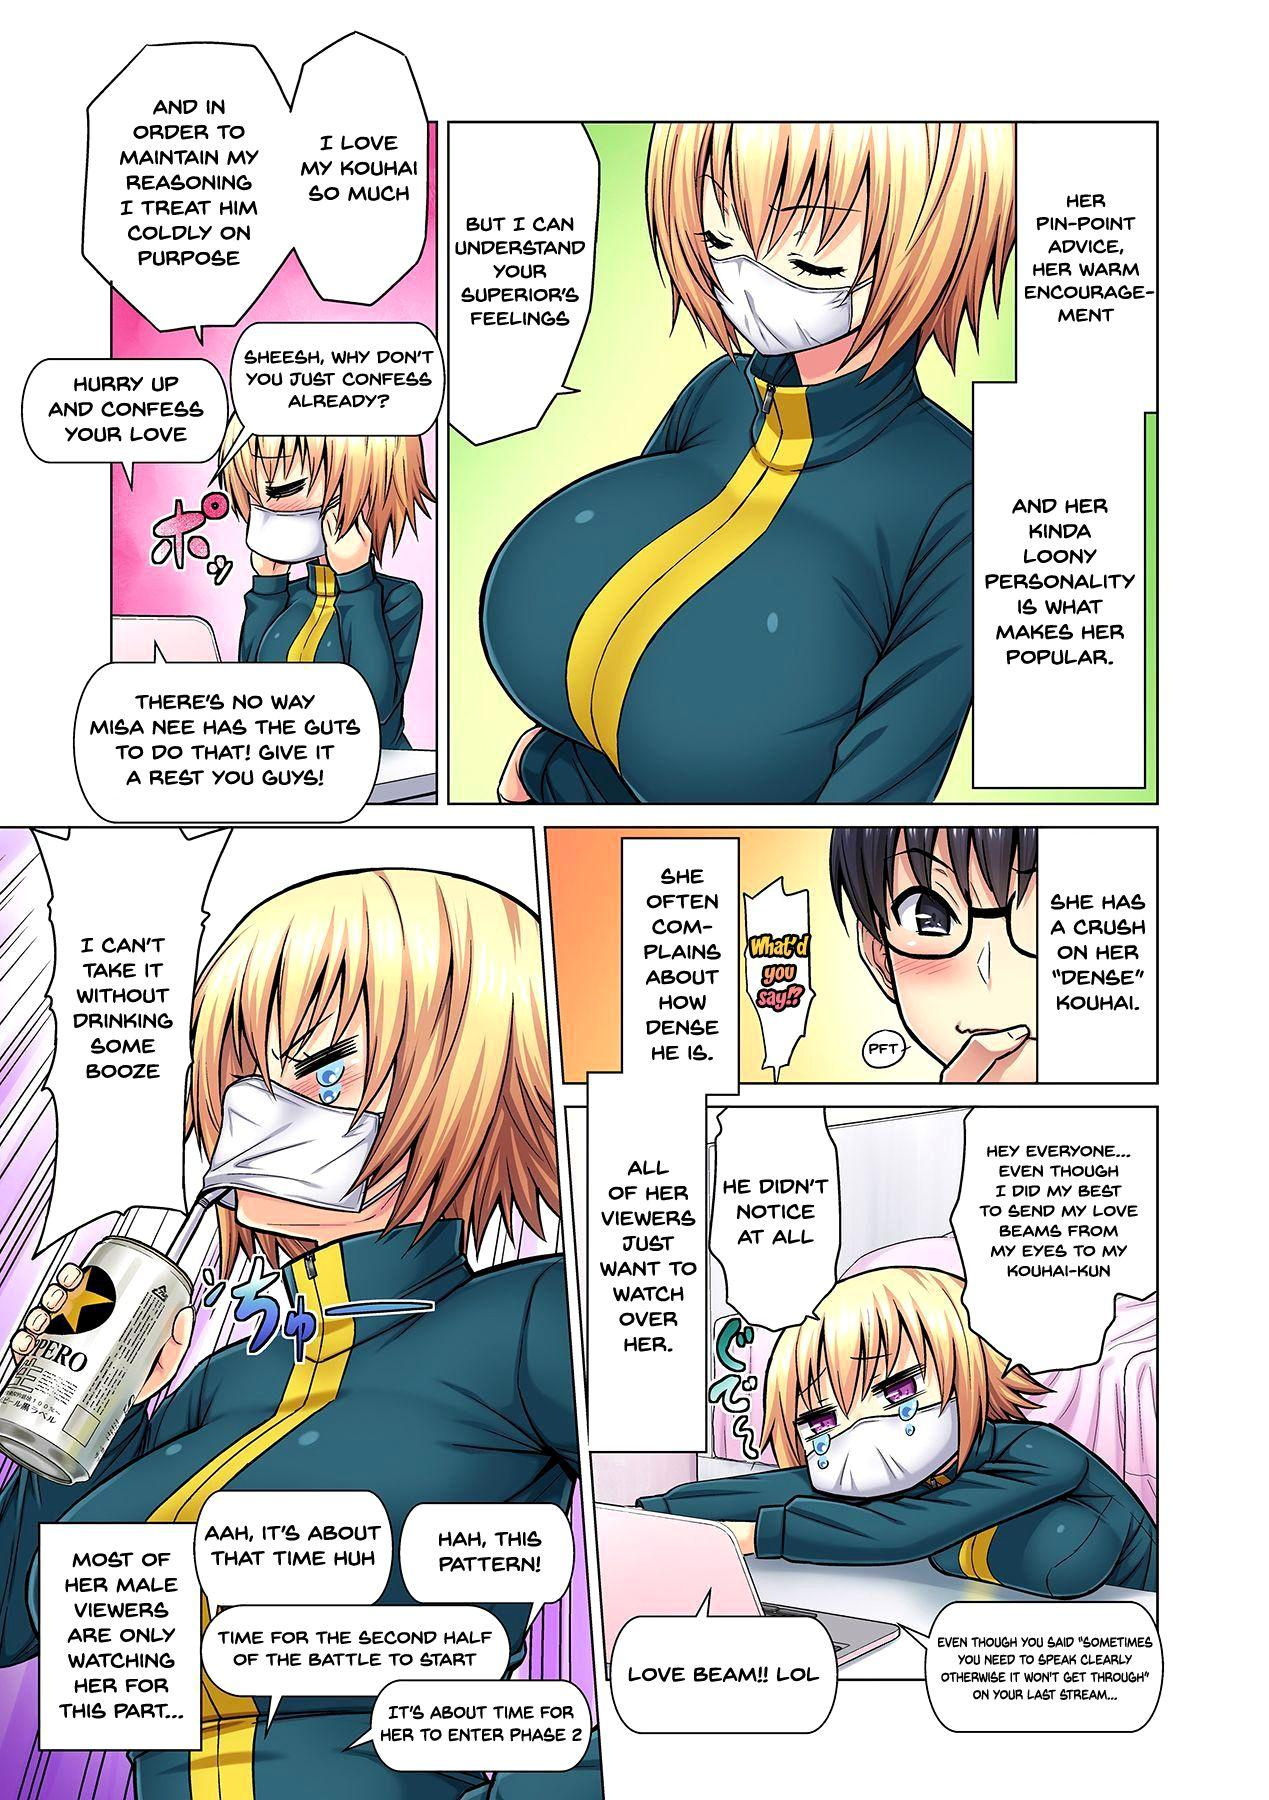 M Onna Joushi to no Sex o Sekai ni Haishin Chuu? Itchau Tokoro ga Haishin Sarechau~! Ch. 1-4 5